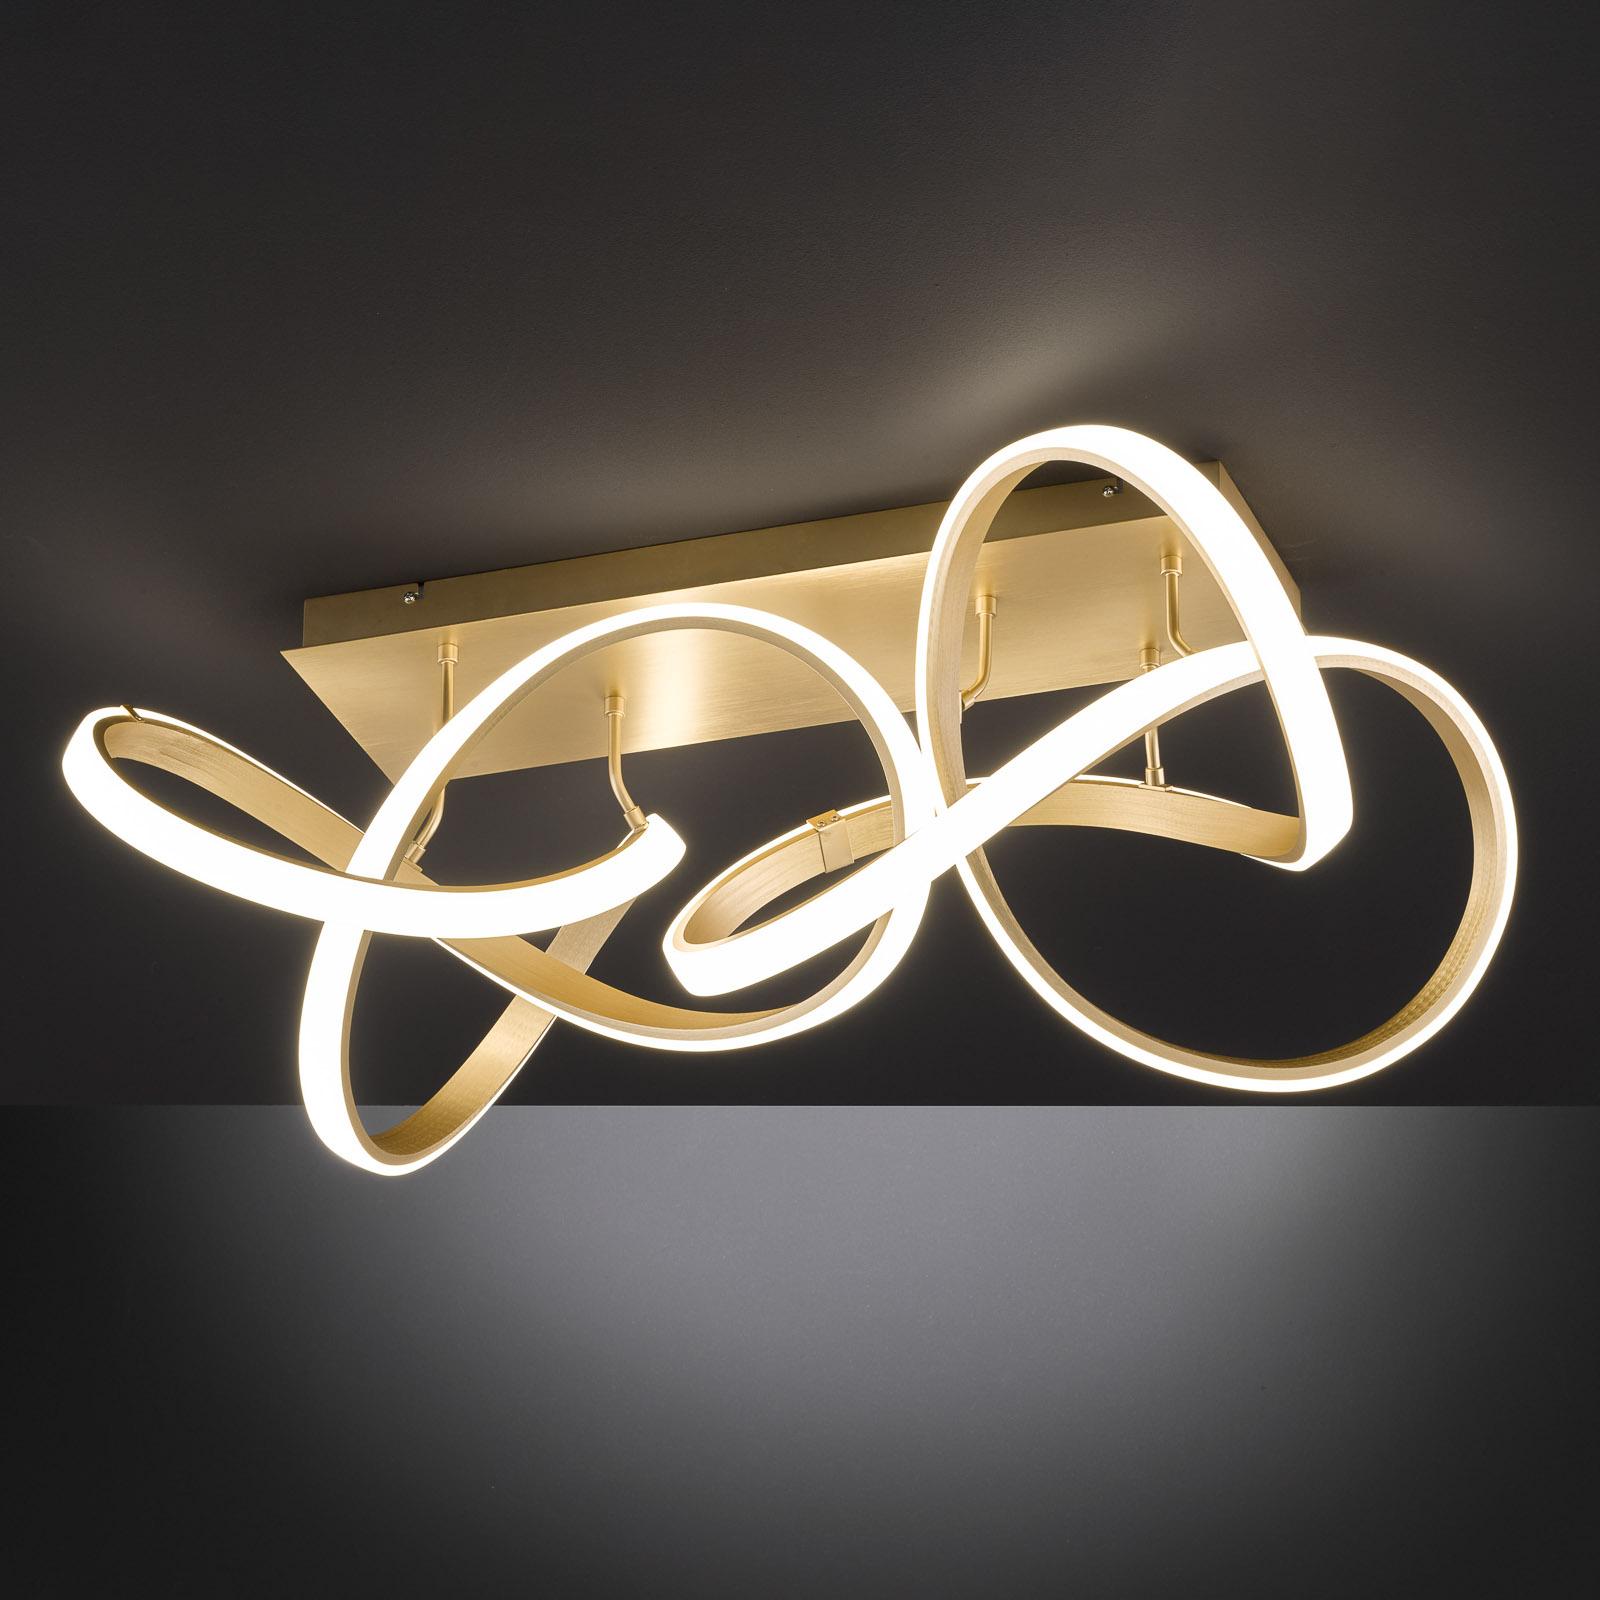 LED-taklampa Indigo, 2 lampor, guld matt